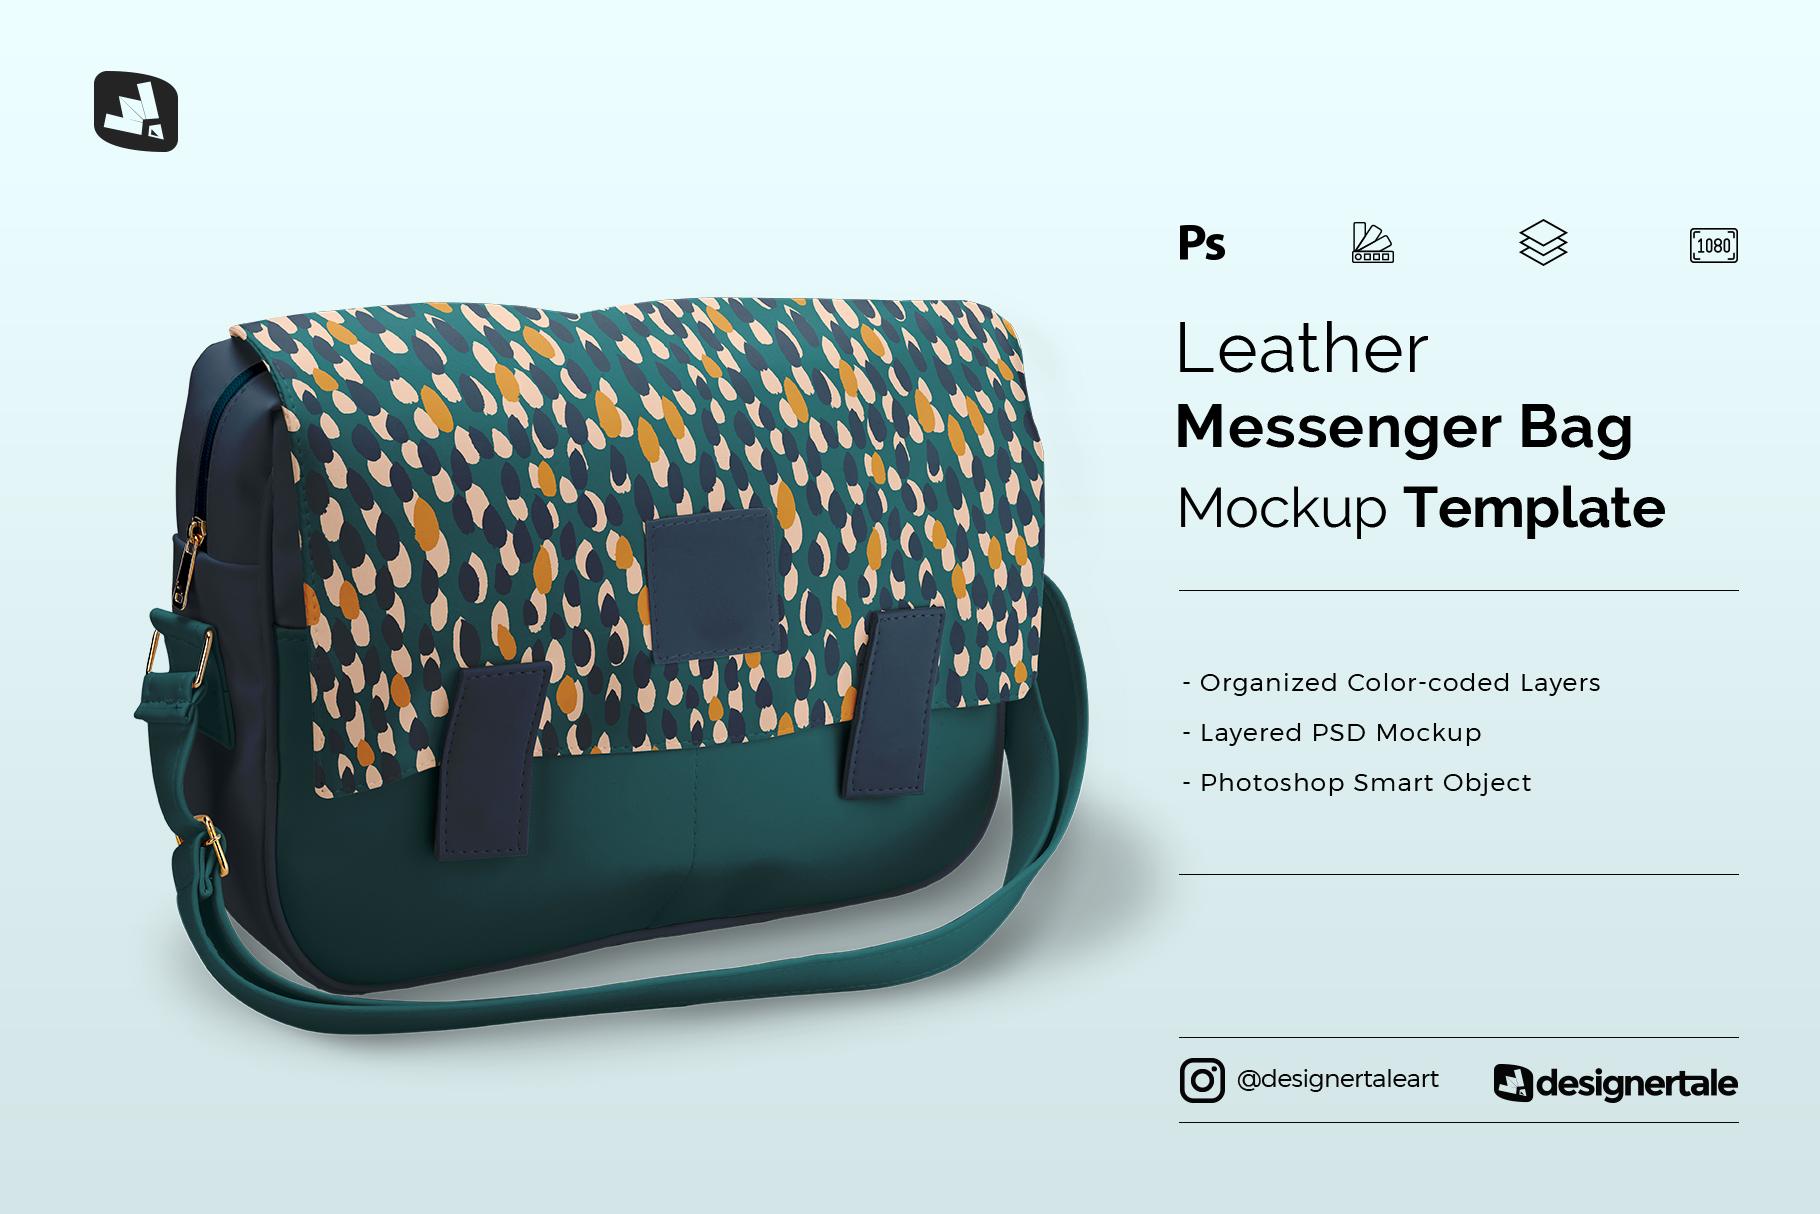 bag black clothing hand mockup shopper white. Leather Messenger Bag Mockup Designertale